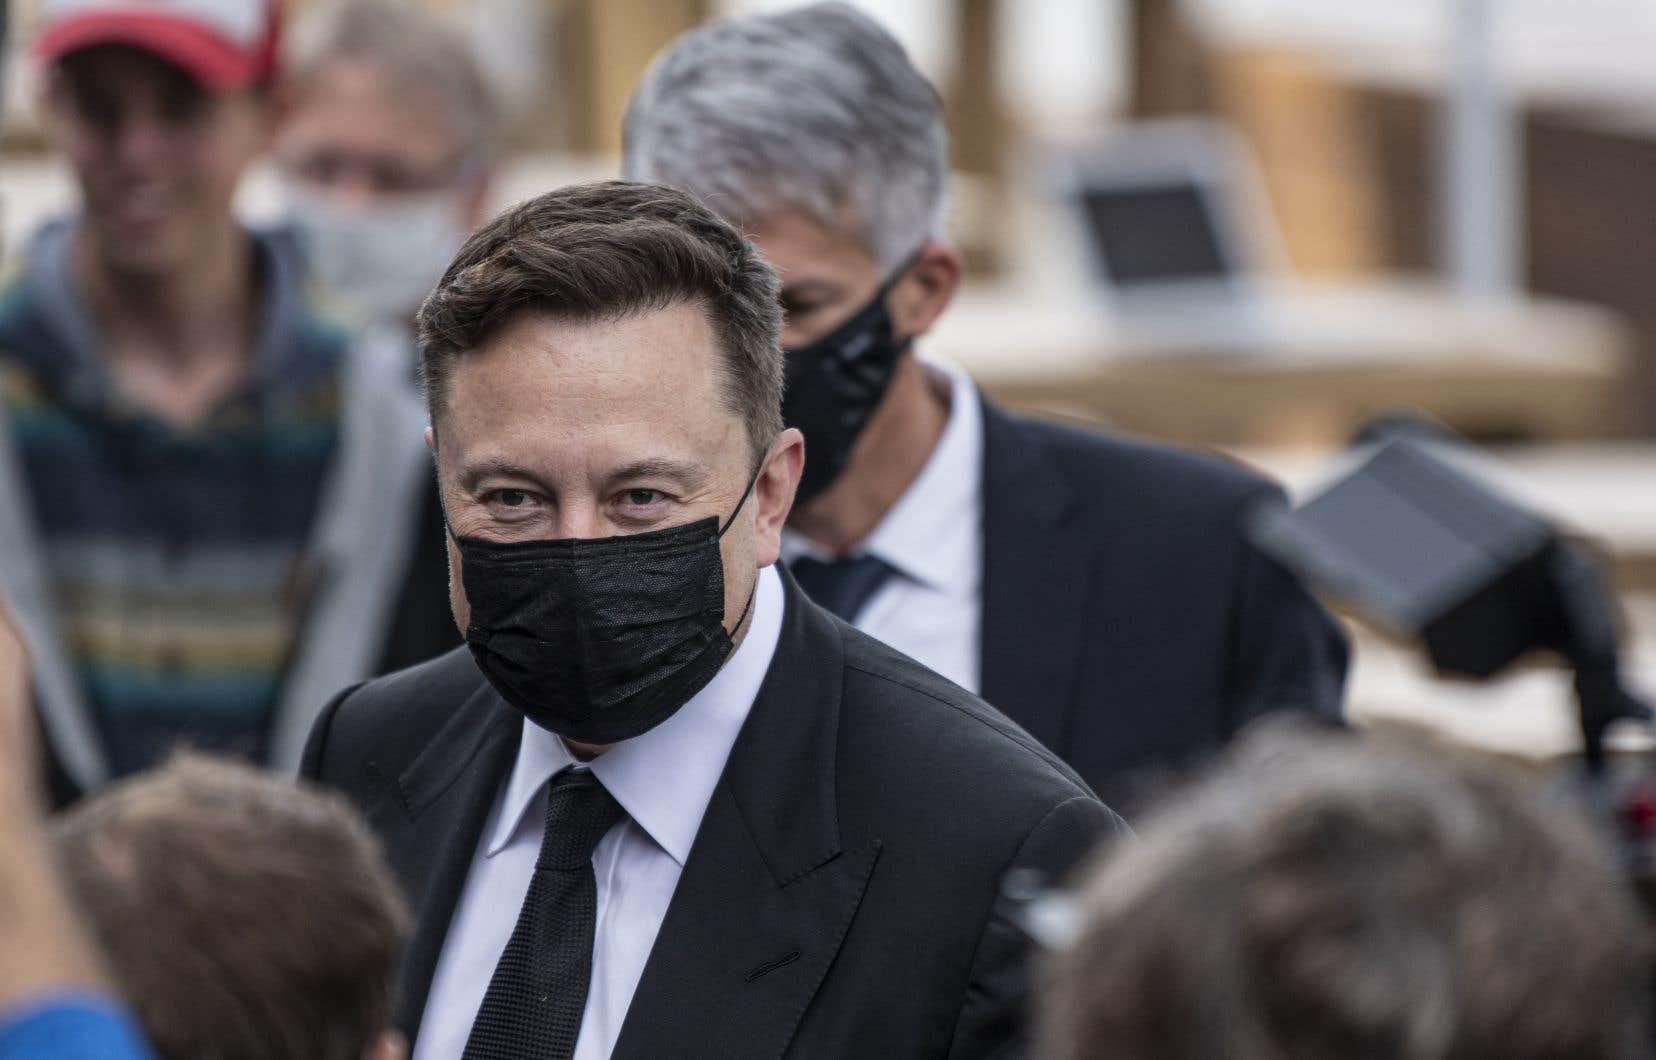 Le milliardaire Elon Musk est devenu début janvier l'homme le plus riche du monde sur papier grâce à la flambée boursière de Tesla.